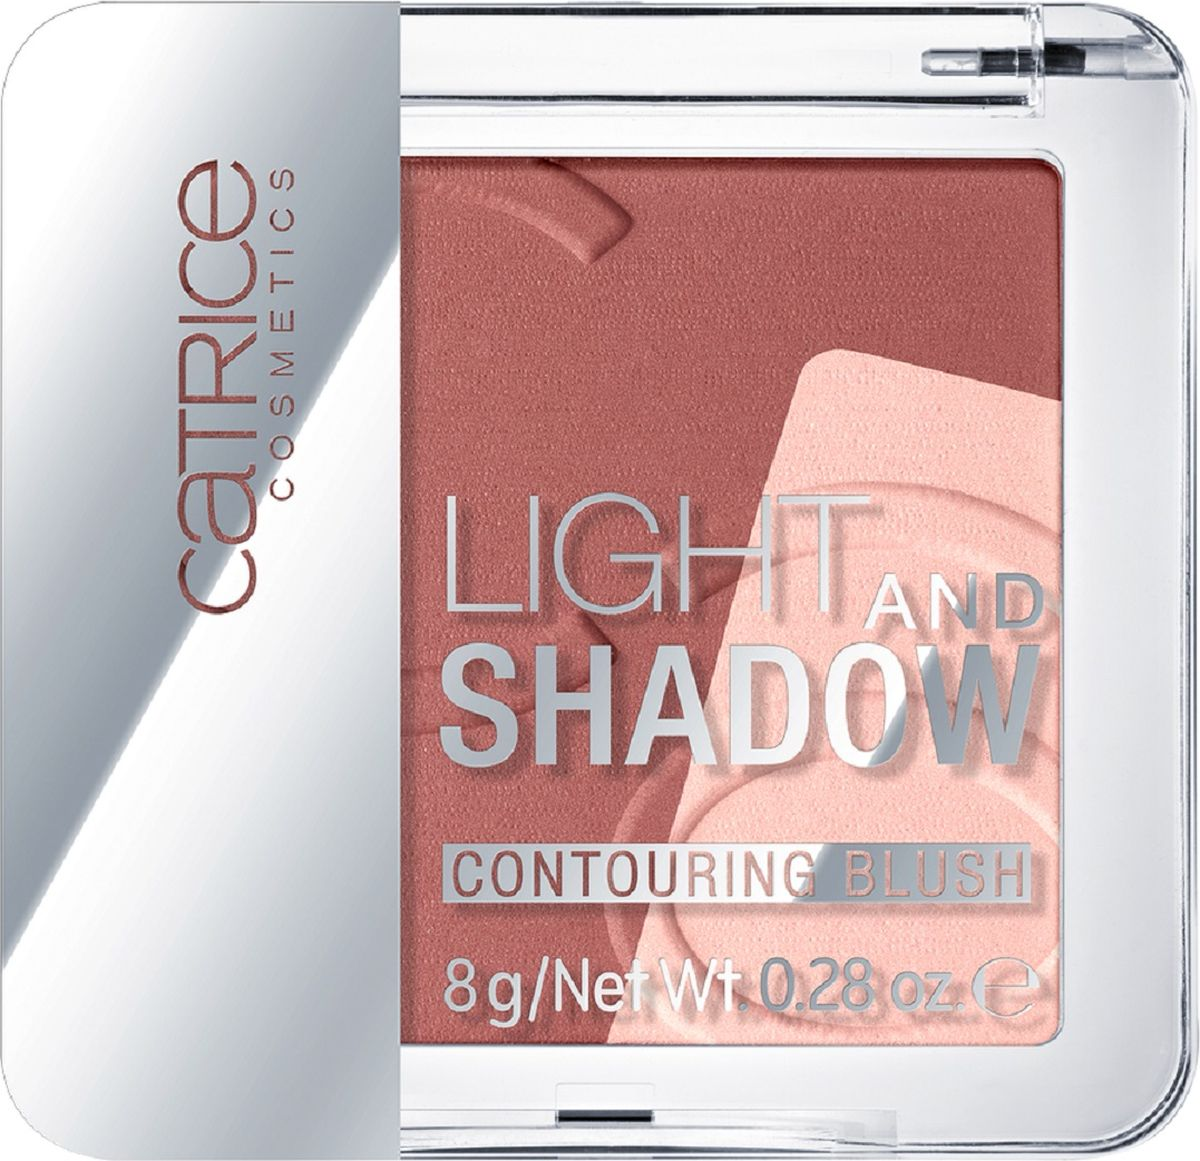 Catrice Румяня Light And Shadow Contouring Blush 010 Bronze Me Up, Scotty темно-розовый, 8 г6Ультрамягкие пудровые румяна представлены в трех палетках, каждая из которых объединяет в себе темный бархатисто-матовый оттенок для контуринга и мерцающий хайлайтер для придания деликатного сияния. Оттенки можно использовать по-отдельности для того, чтобы подчеркнуть рельеф лица, либо смешать для получения свежего оттенка с легким сиянием.